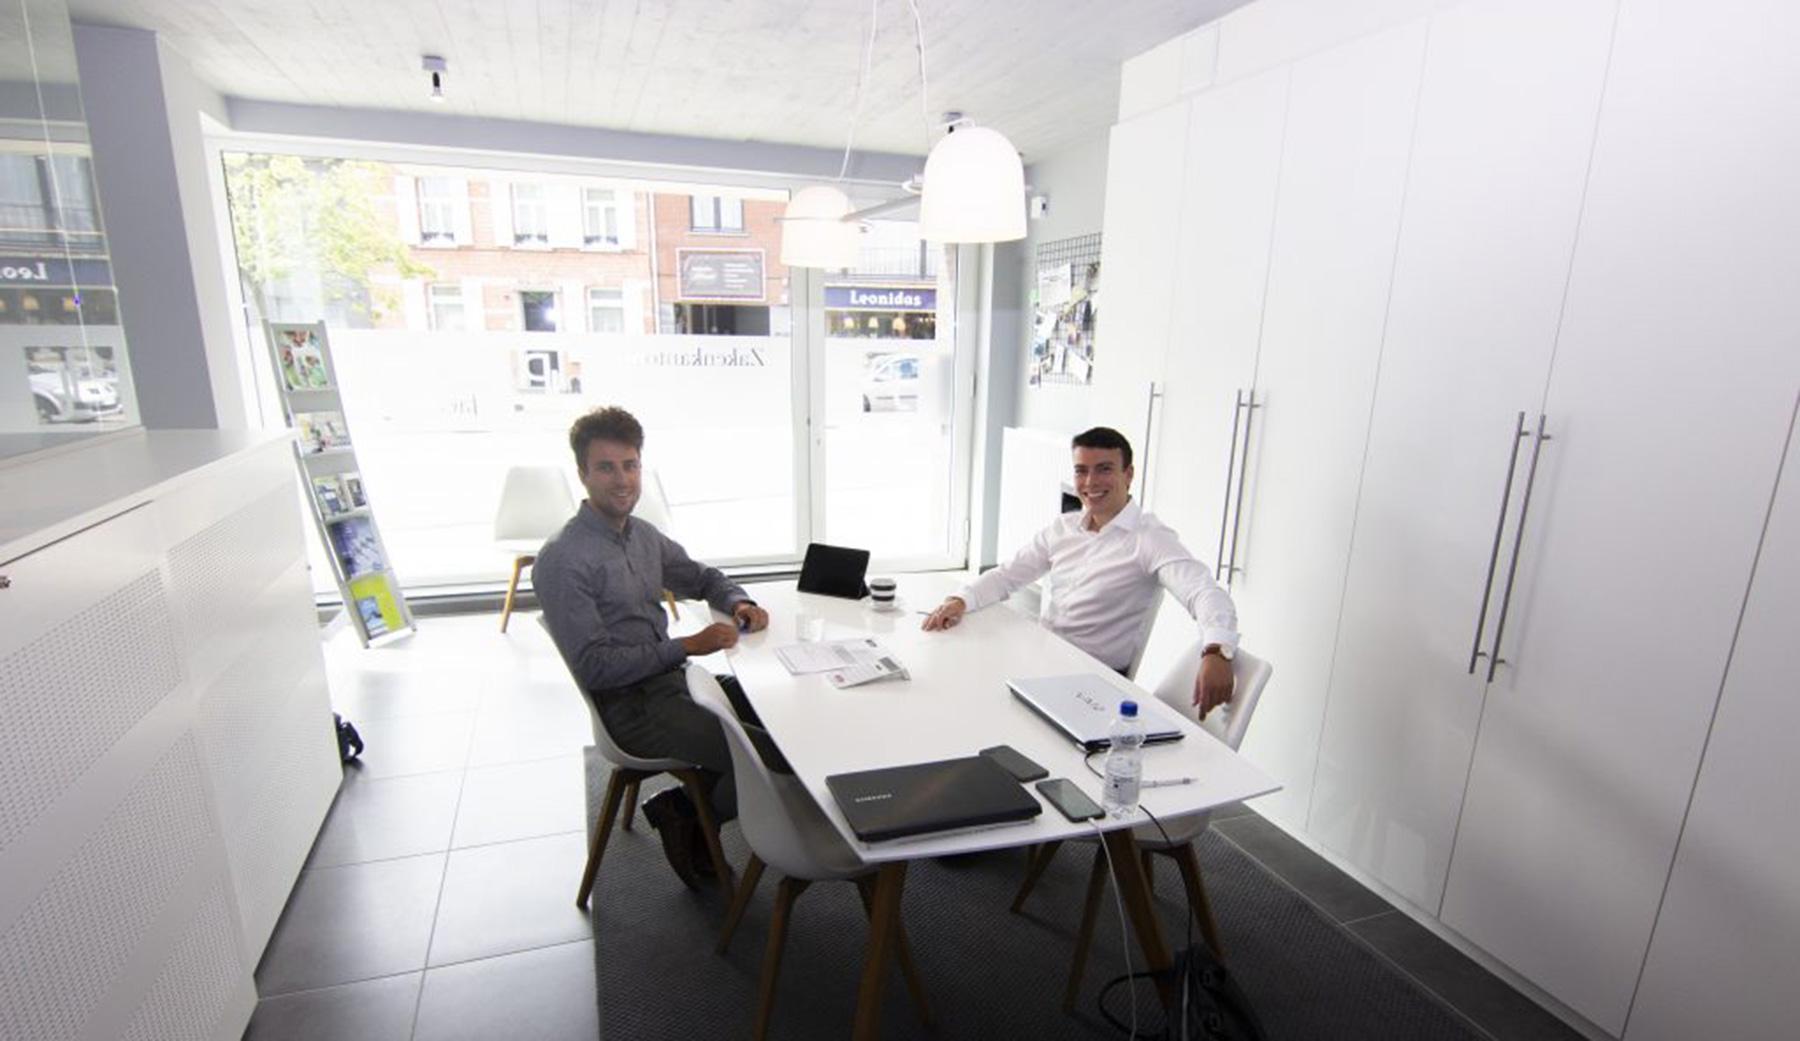 zaakvoerders in kantoor